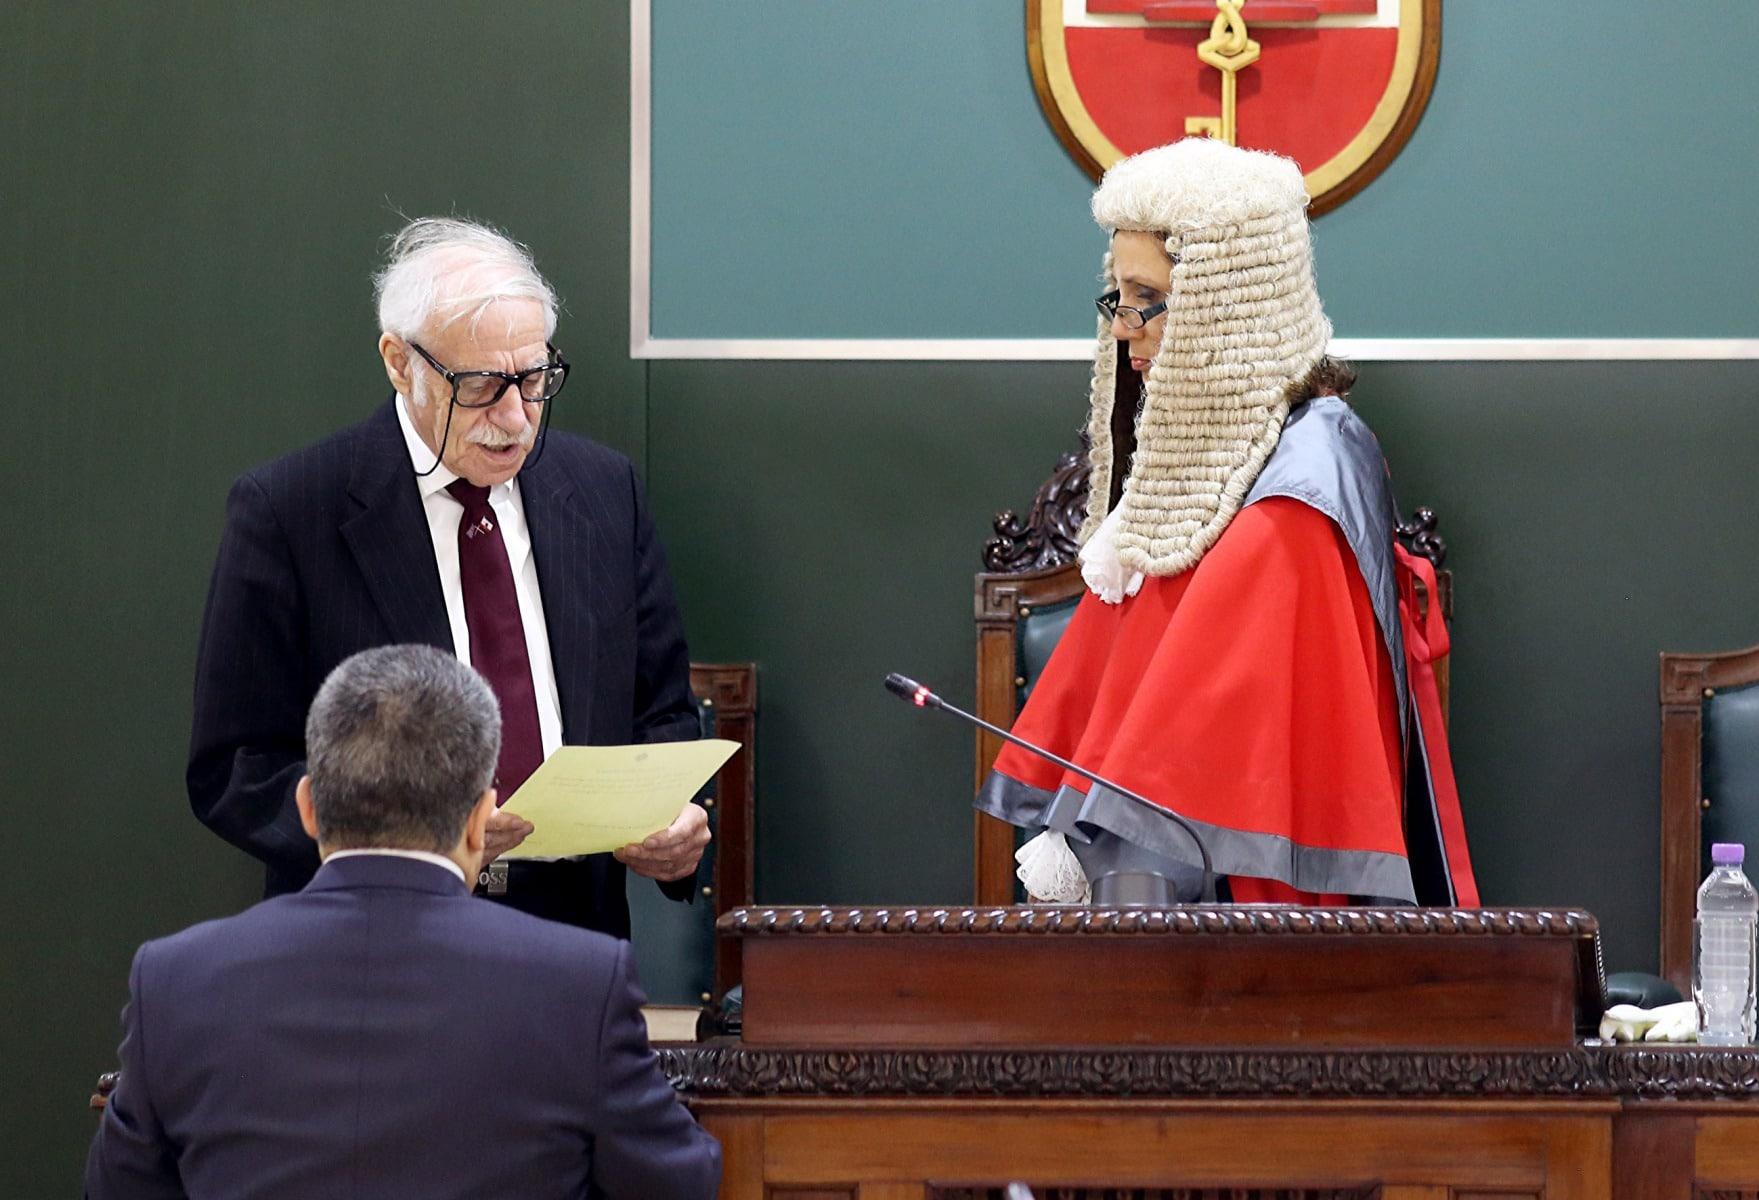 9-de-diciembre-de-2015-ceremonia-inaugural-del-nuevo-parlamento-de-gibraltar_23634191635_o